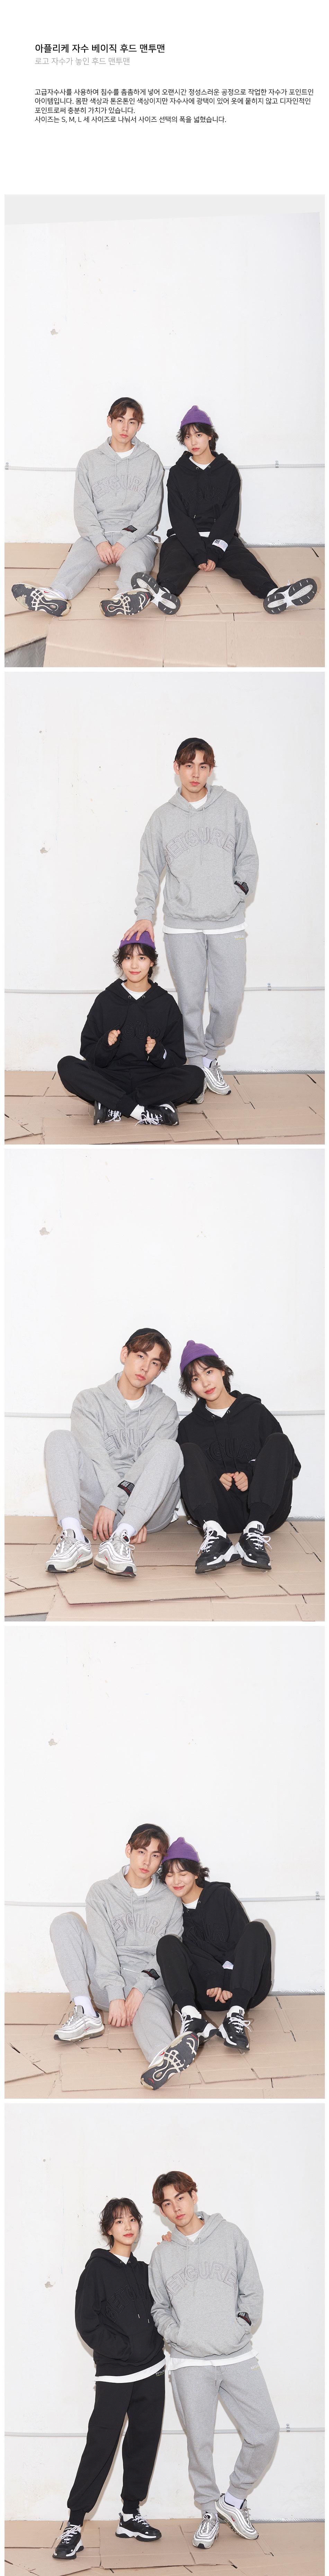 1레터링-엠보자수-후드-맨투맨-검정-_02.jpg